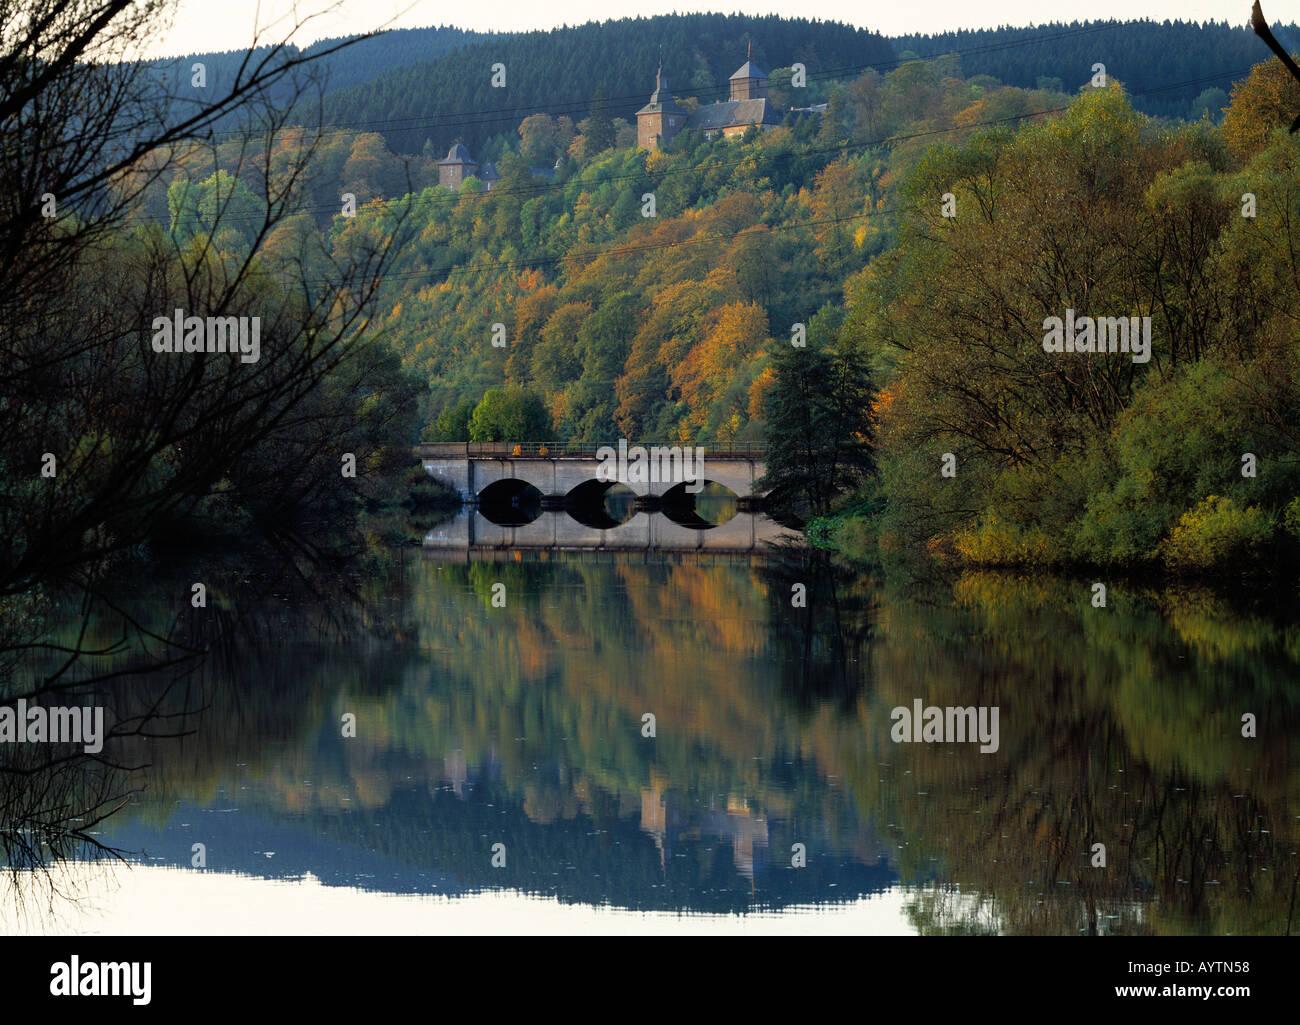 Biggelandschaft mit Schloss Schnellenberg im Herbst, Attendorn, Naturpark Ebbegebirge, Sauerland, Nordrhein-Westfalen Stock Photo